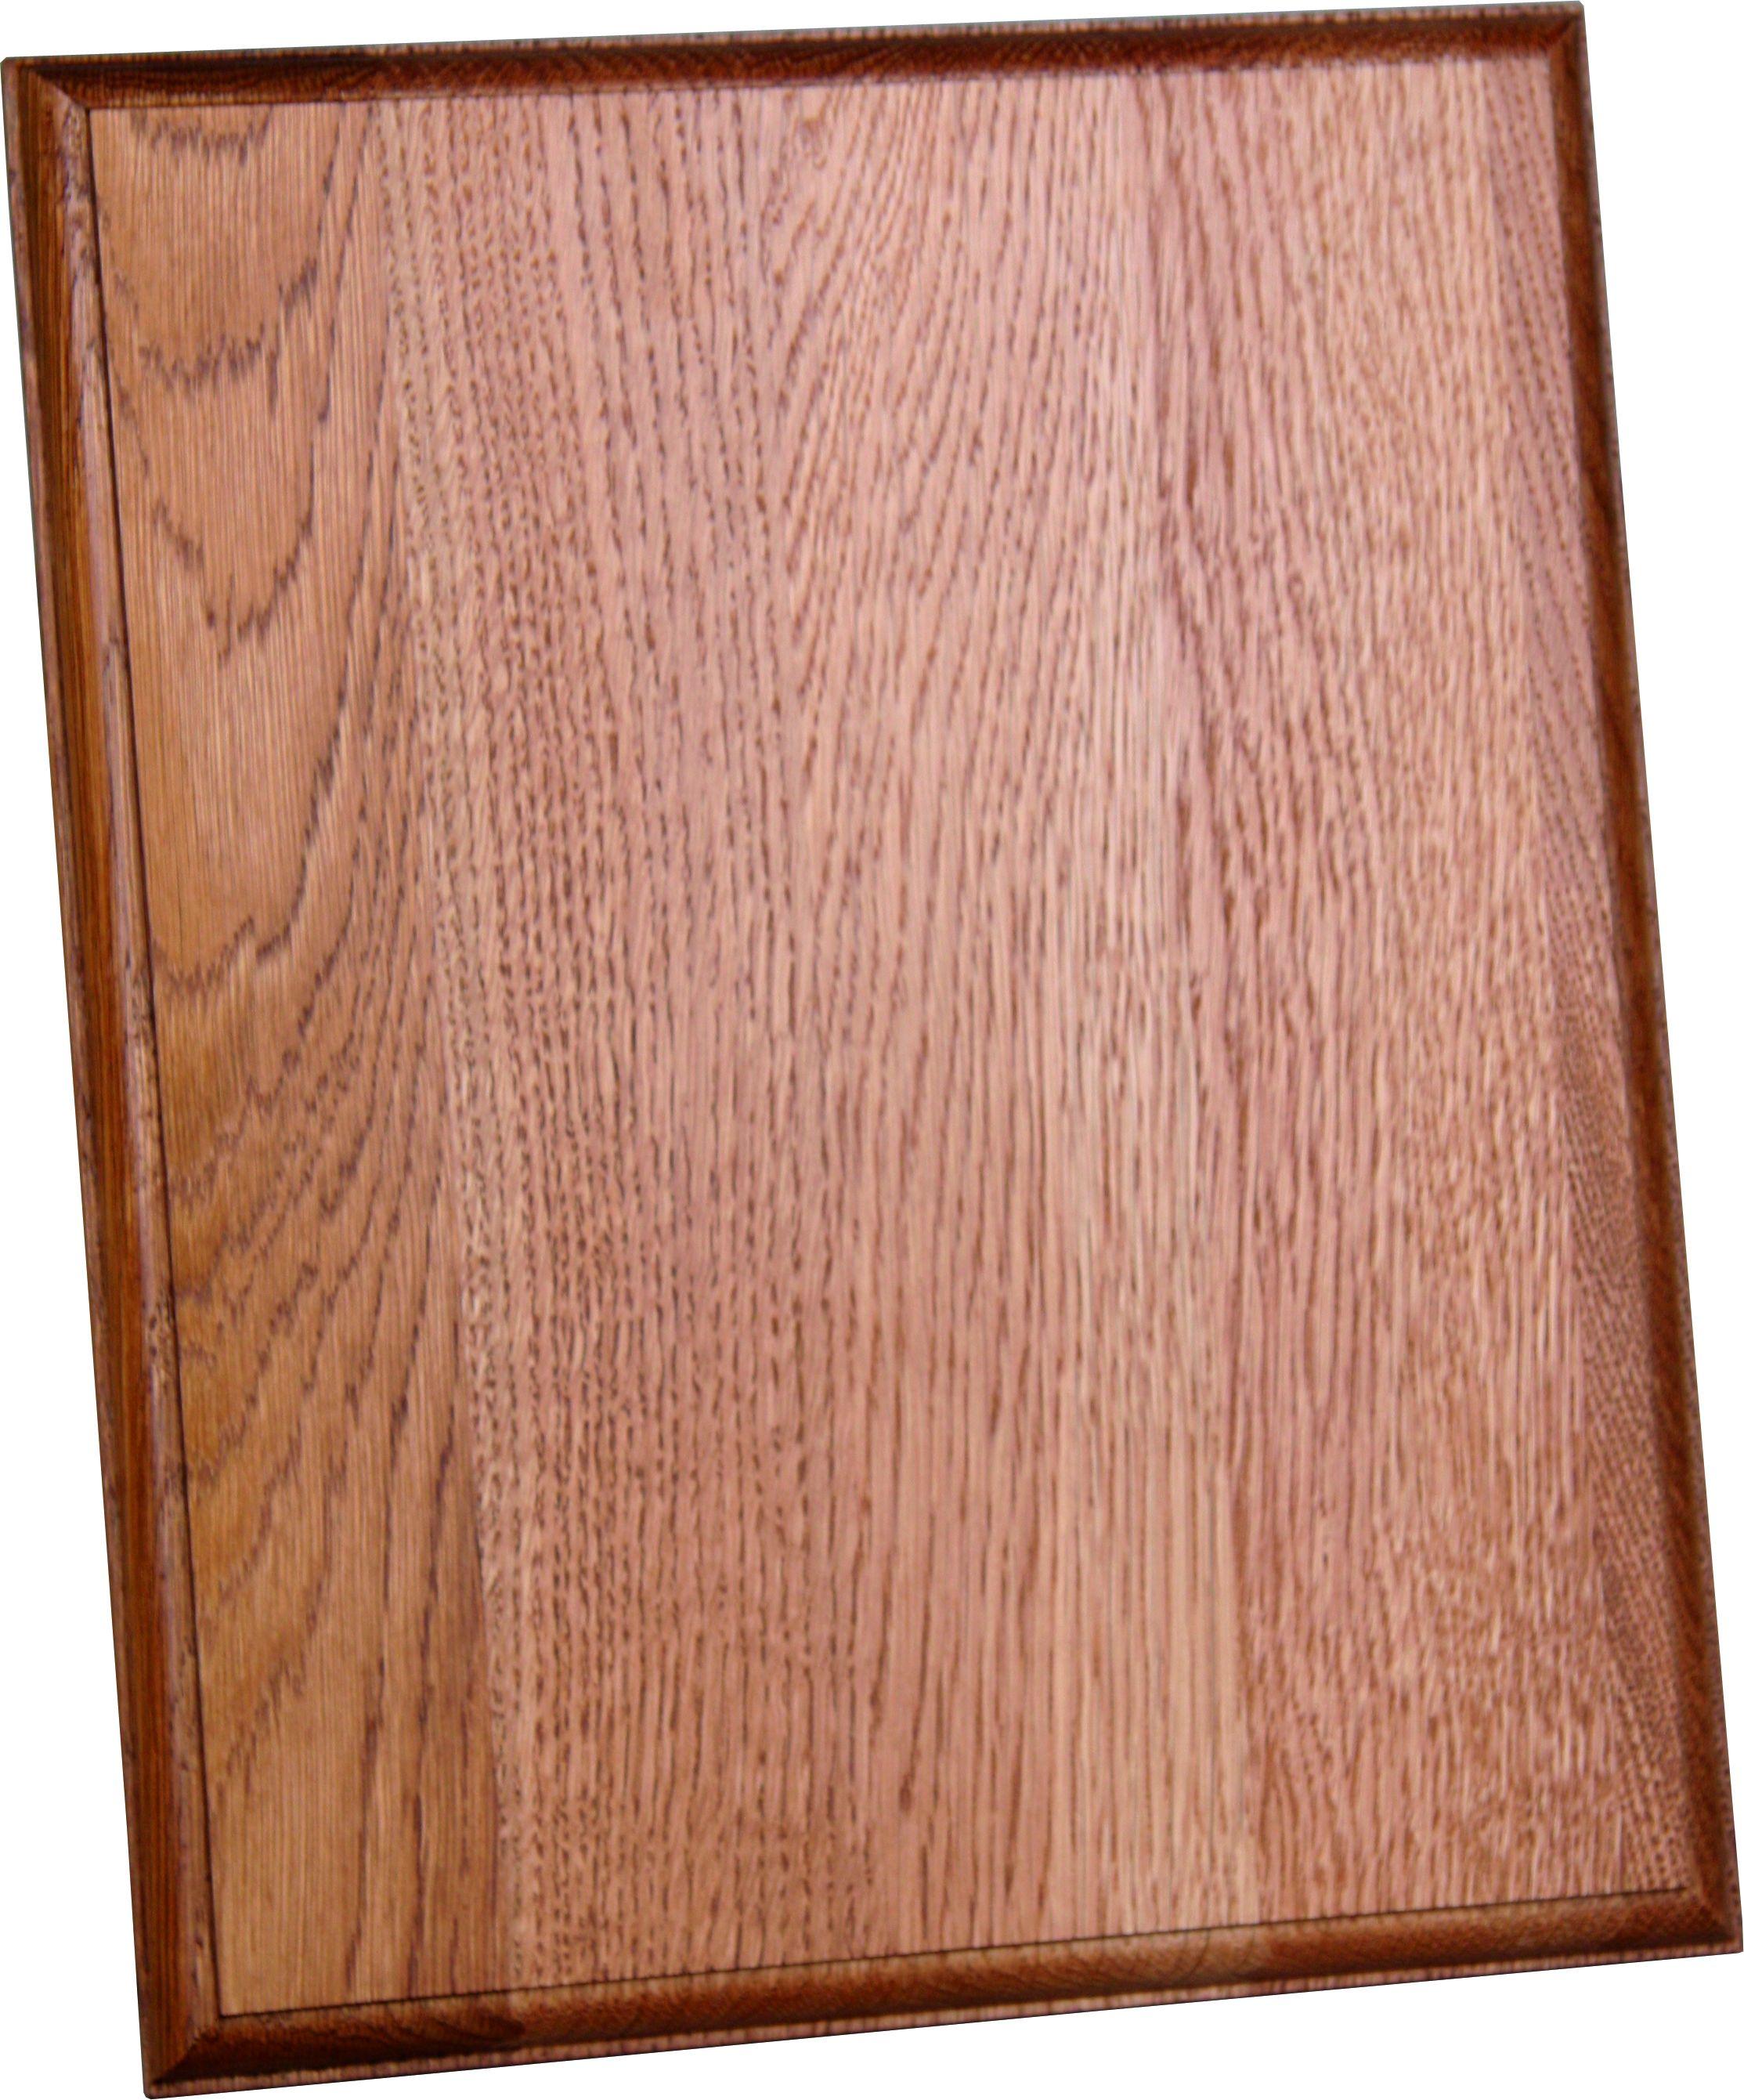 Podkład drewniany z dębu naturalnego, bejcowany , bezbarwnie uszlachetniony OAK1-OAK7